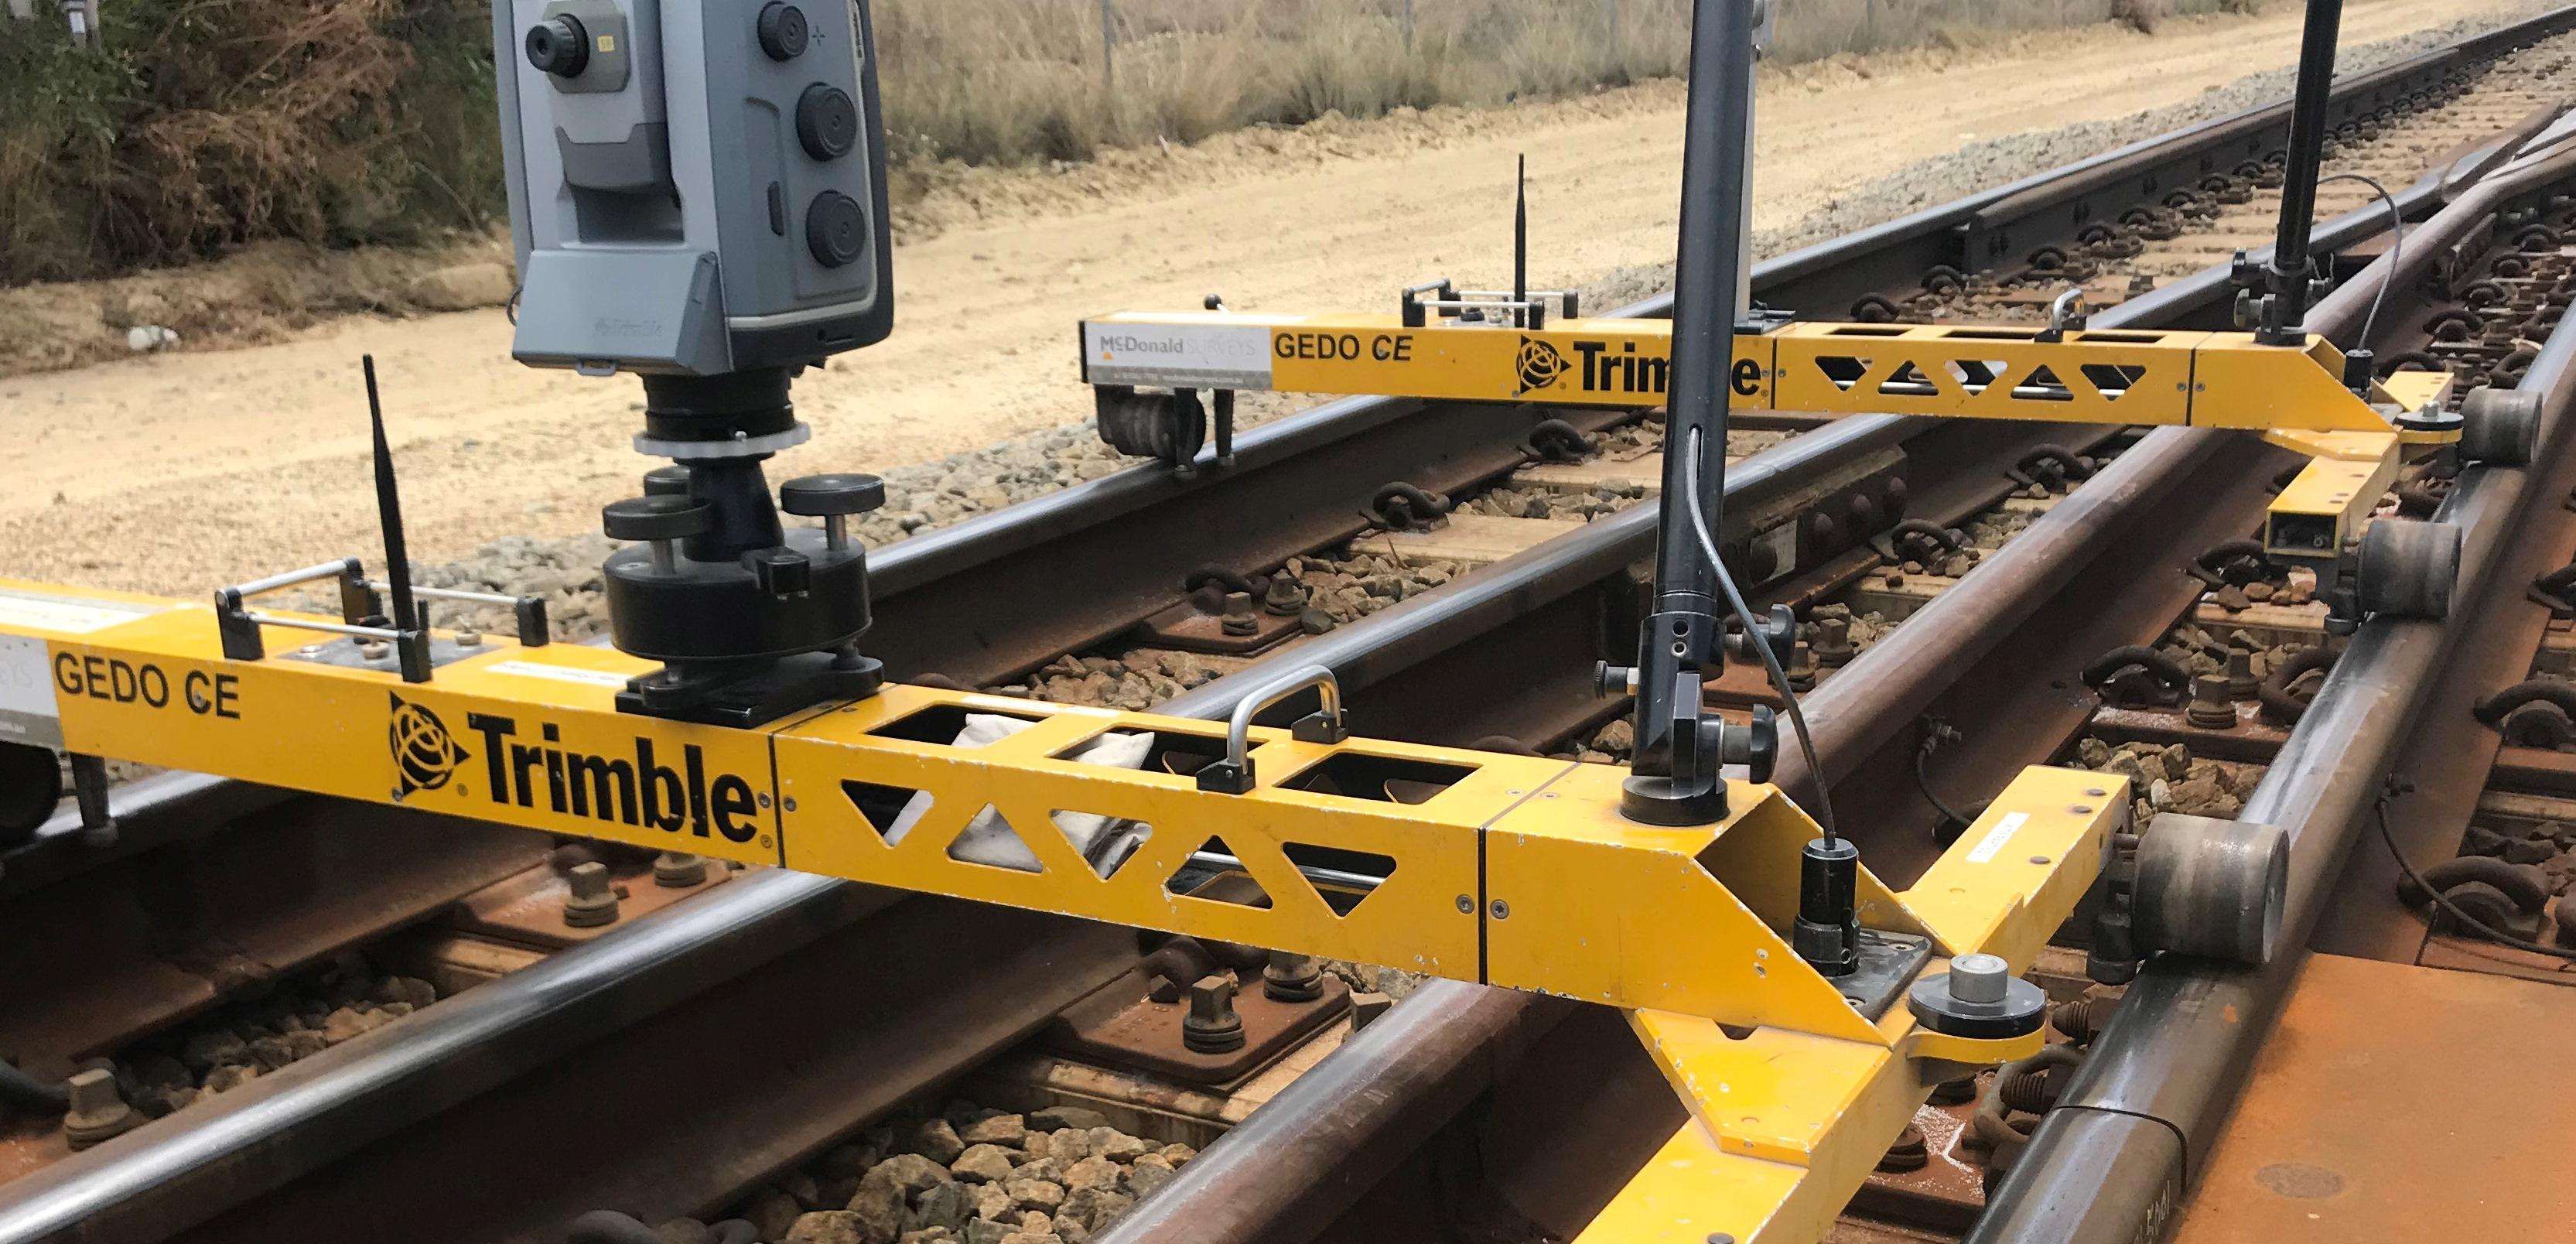 Surveying device on tracks